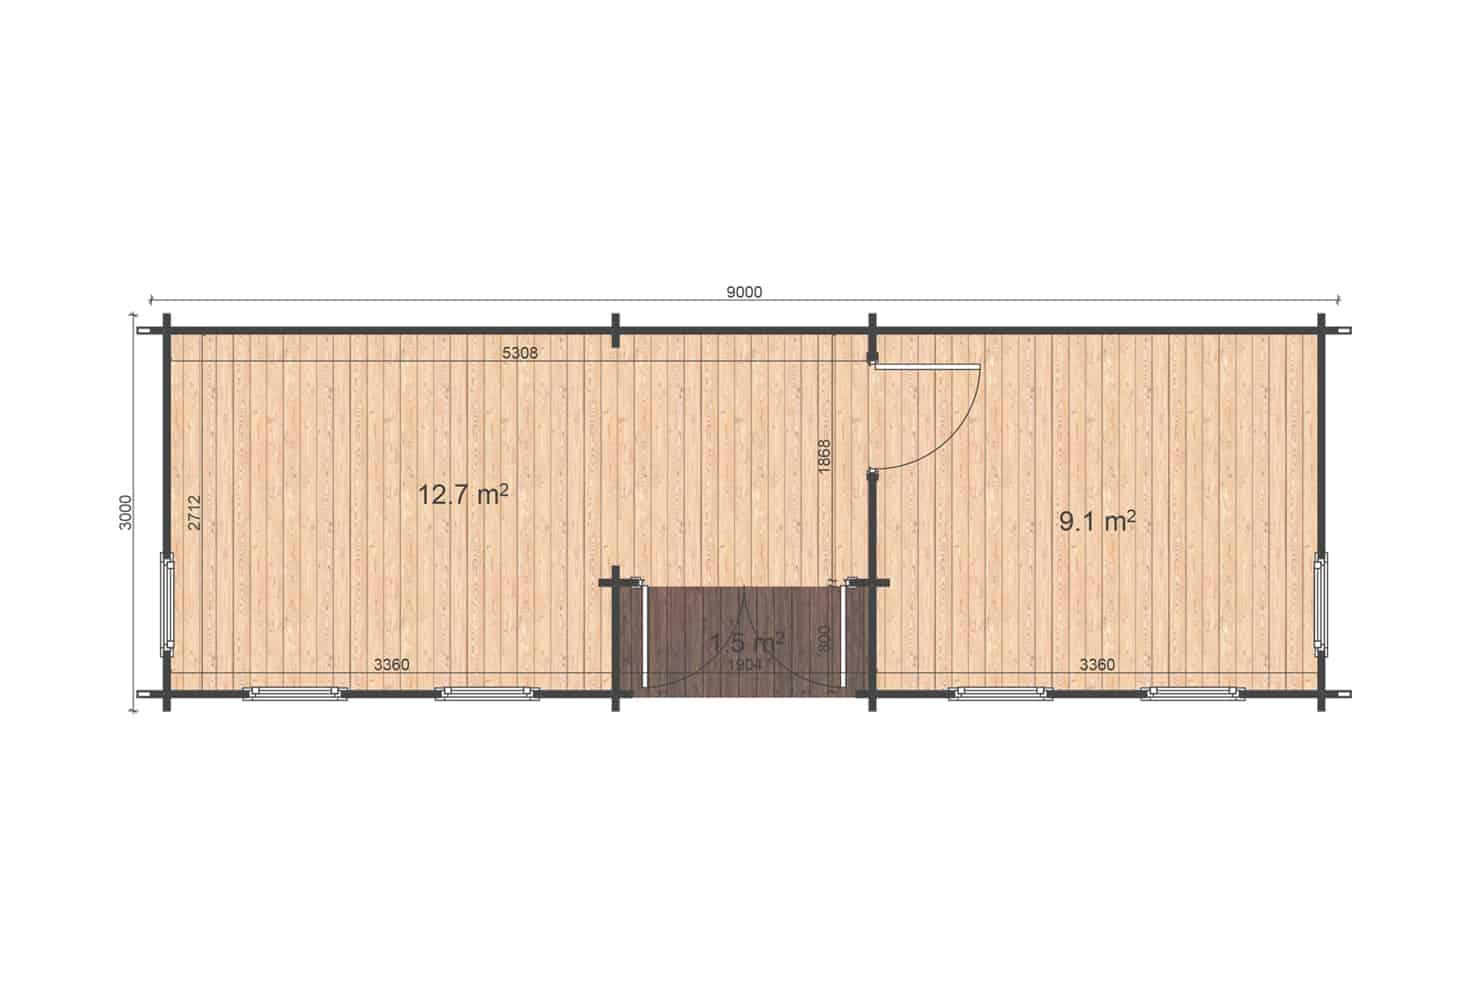 Holiday 3x9 floor plan